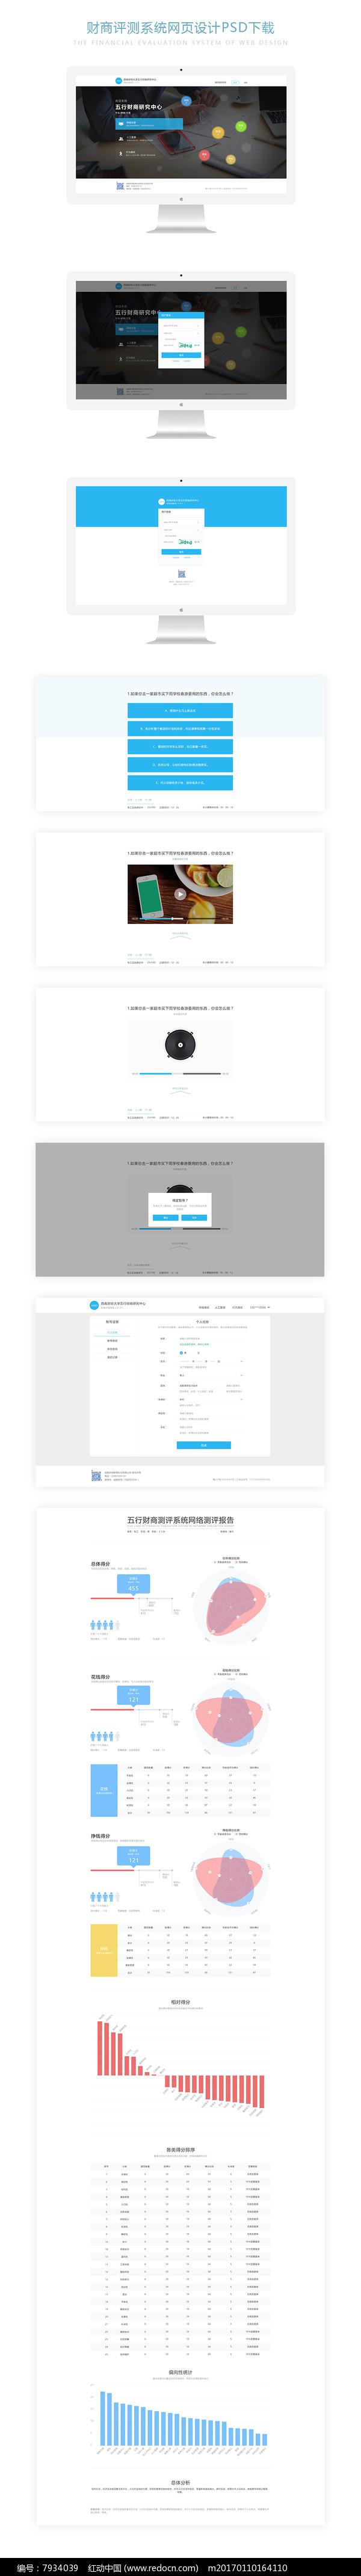 简洁大气财商评测系统网站网页设计psd下载图片